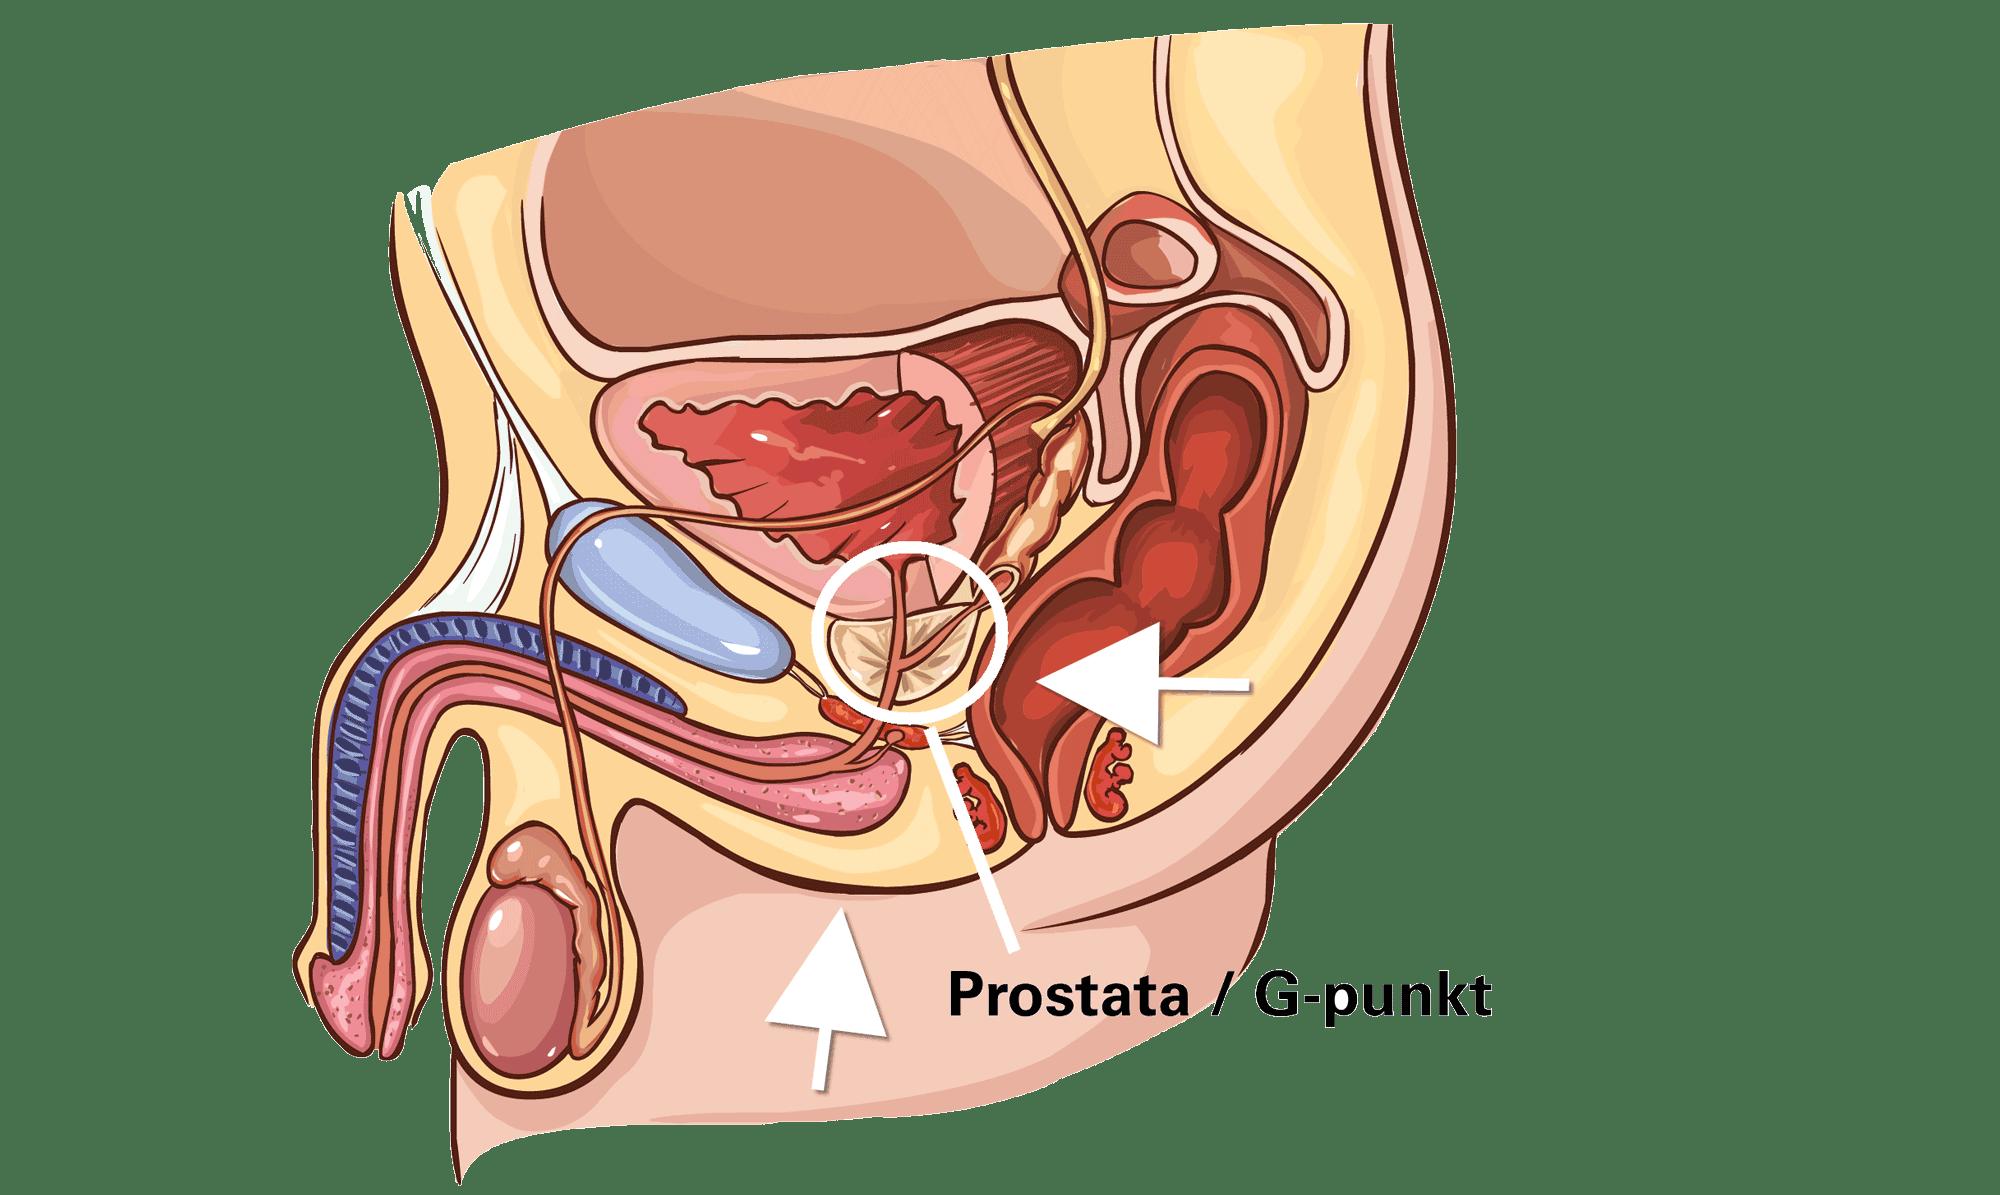 kvindes g punkter kan man blive gravid uden manden kommer